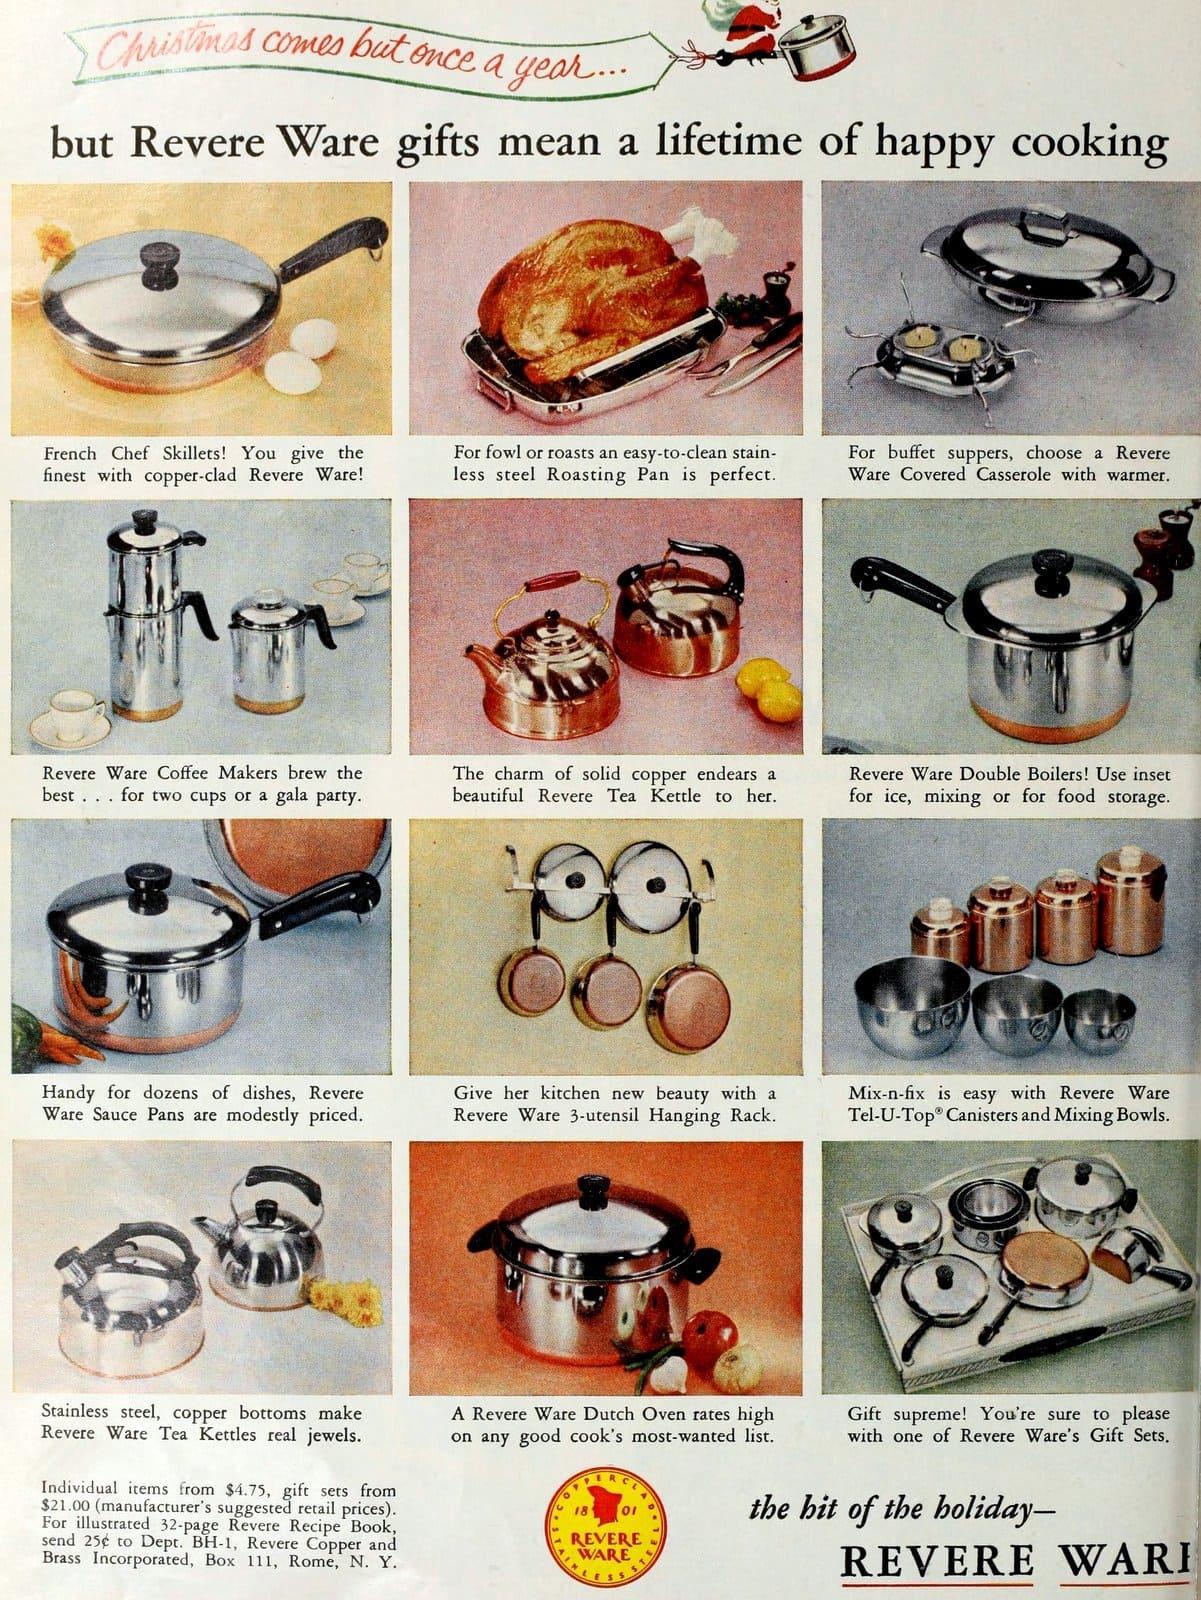 Vintage Revere Ware pots and saucepans (1959)